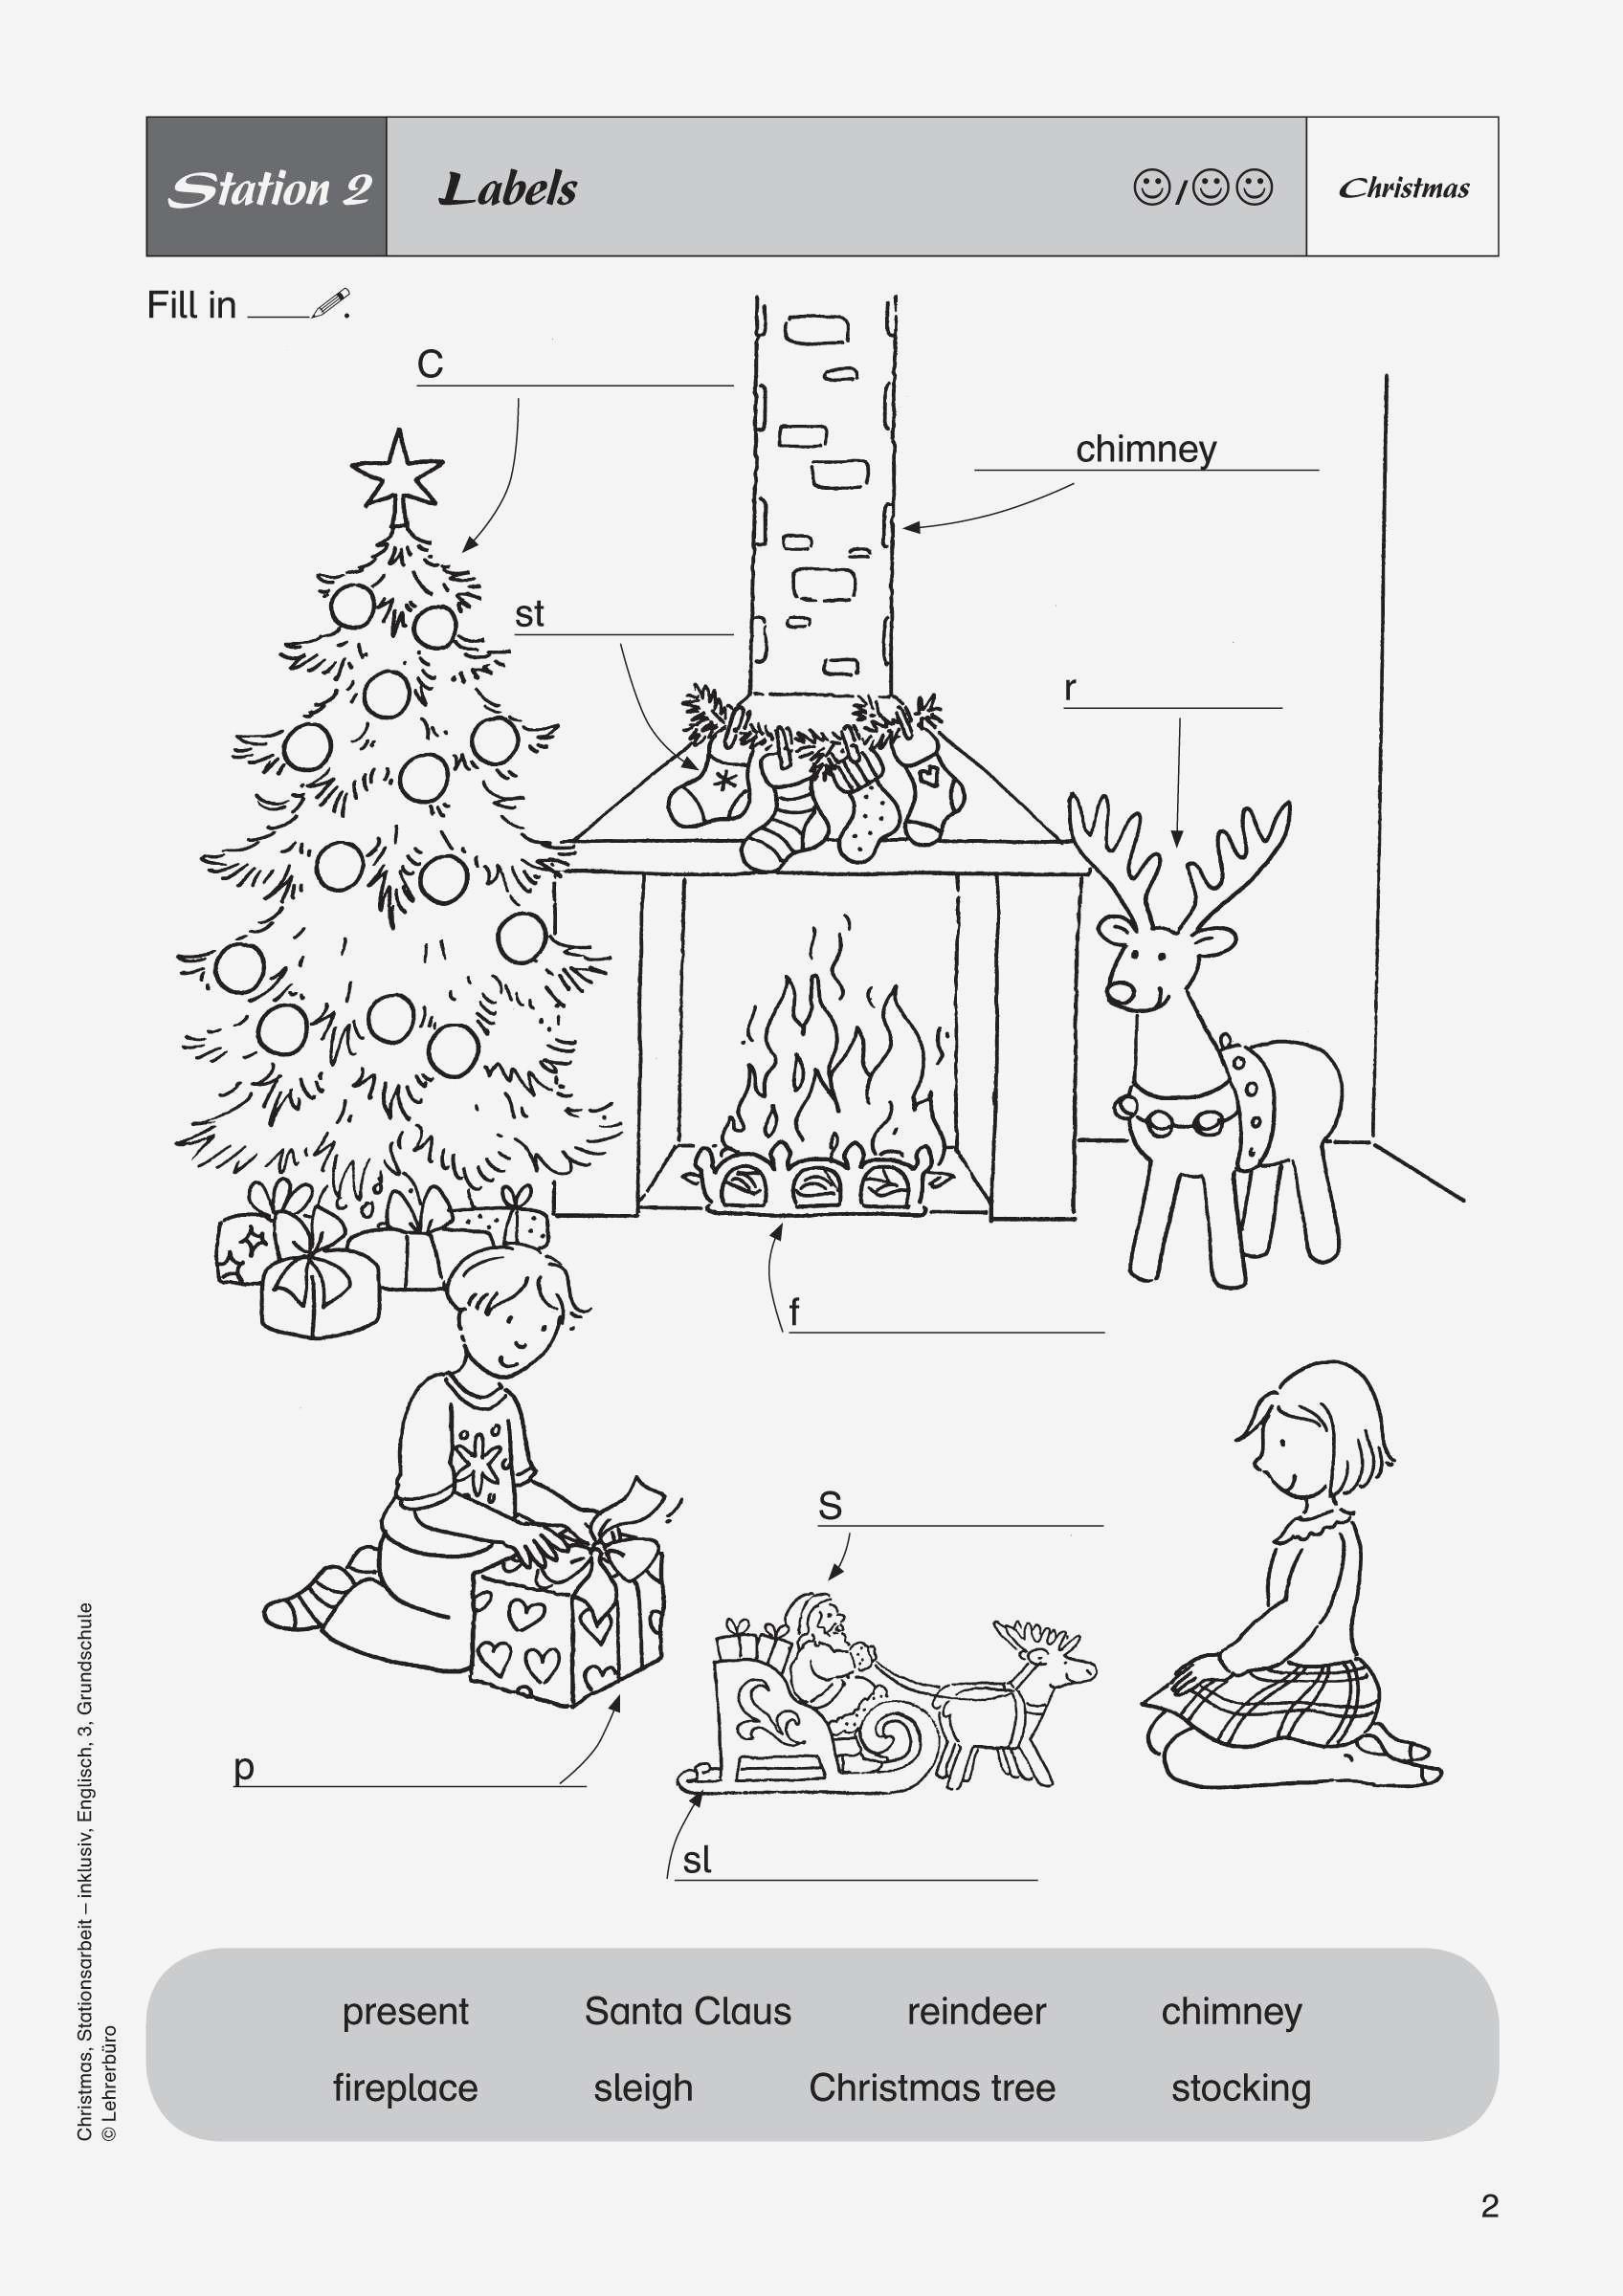 Bilder Weihnachten Kostenlos Zum Ausdrucken Neu Ausmalbilder Kostenlos Weihnachten Lernspiele Färbung Bilder Sammlung